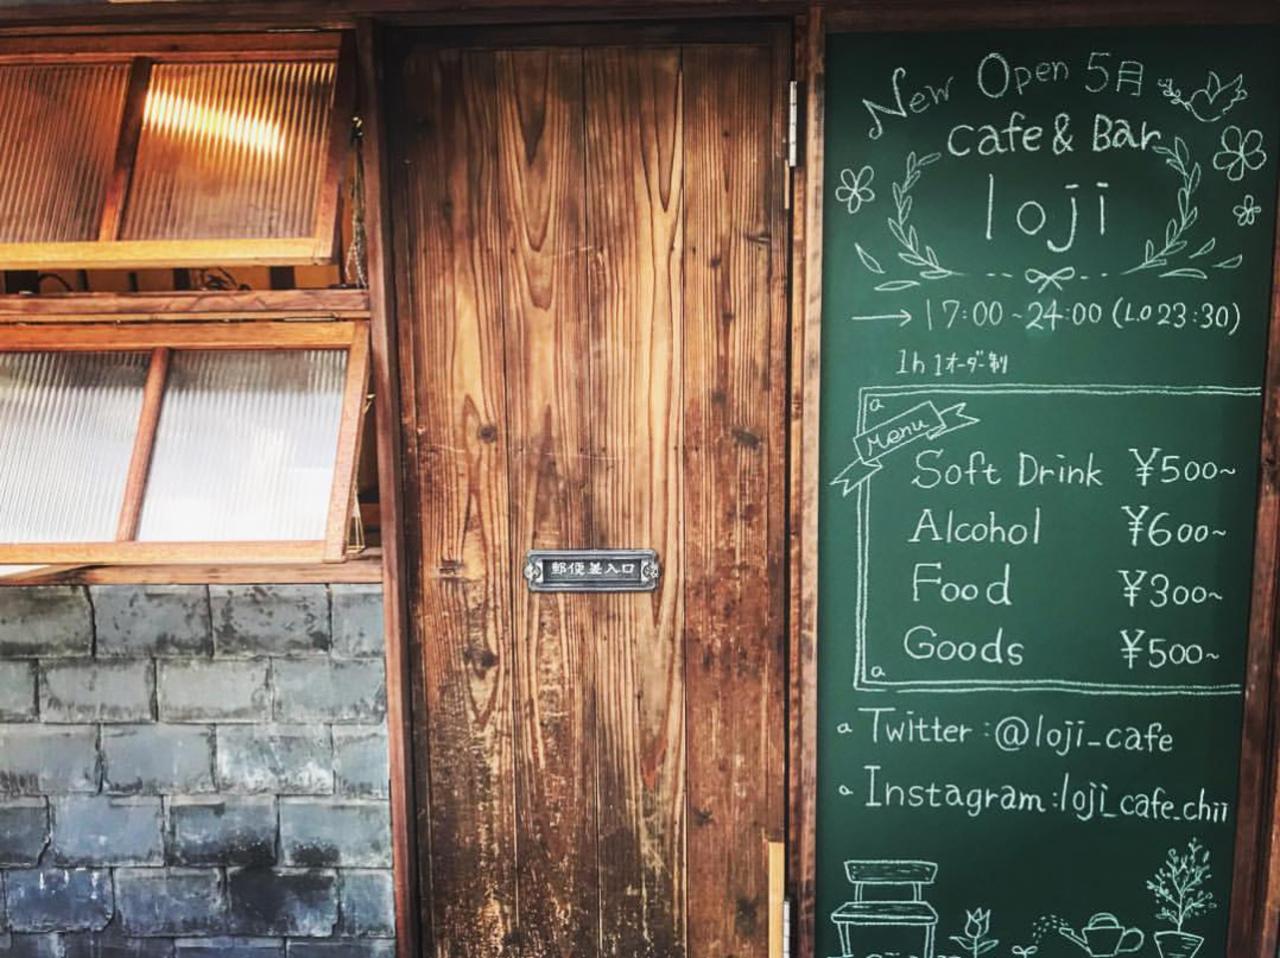 レトロと現代の融合...大阪の日本橋商店会に古民家カフェ&バー『ロジ』プレオープン